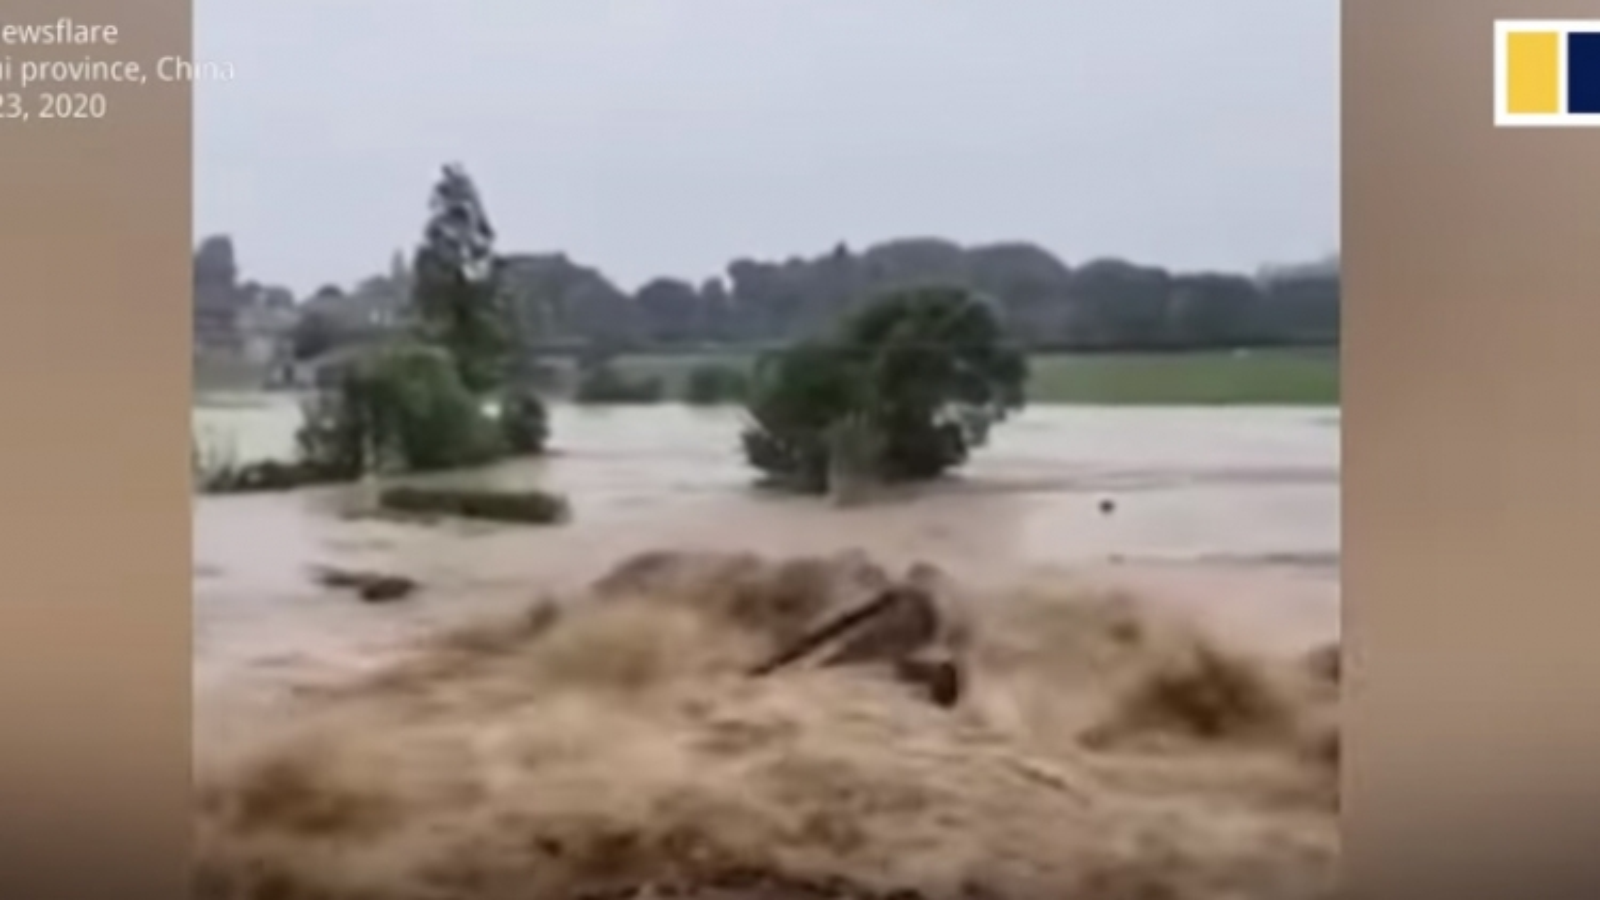 Video: Cảnh tượng mưa lũ xối xả trên sông Dương Tử cuốn trôi cả máy cẩu